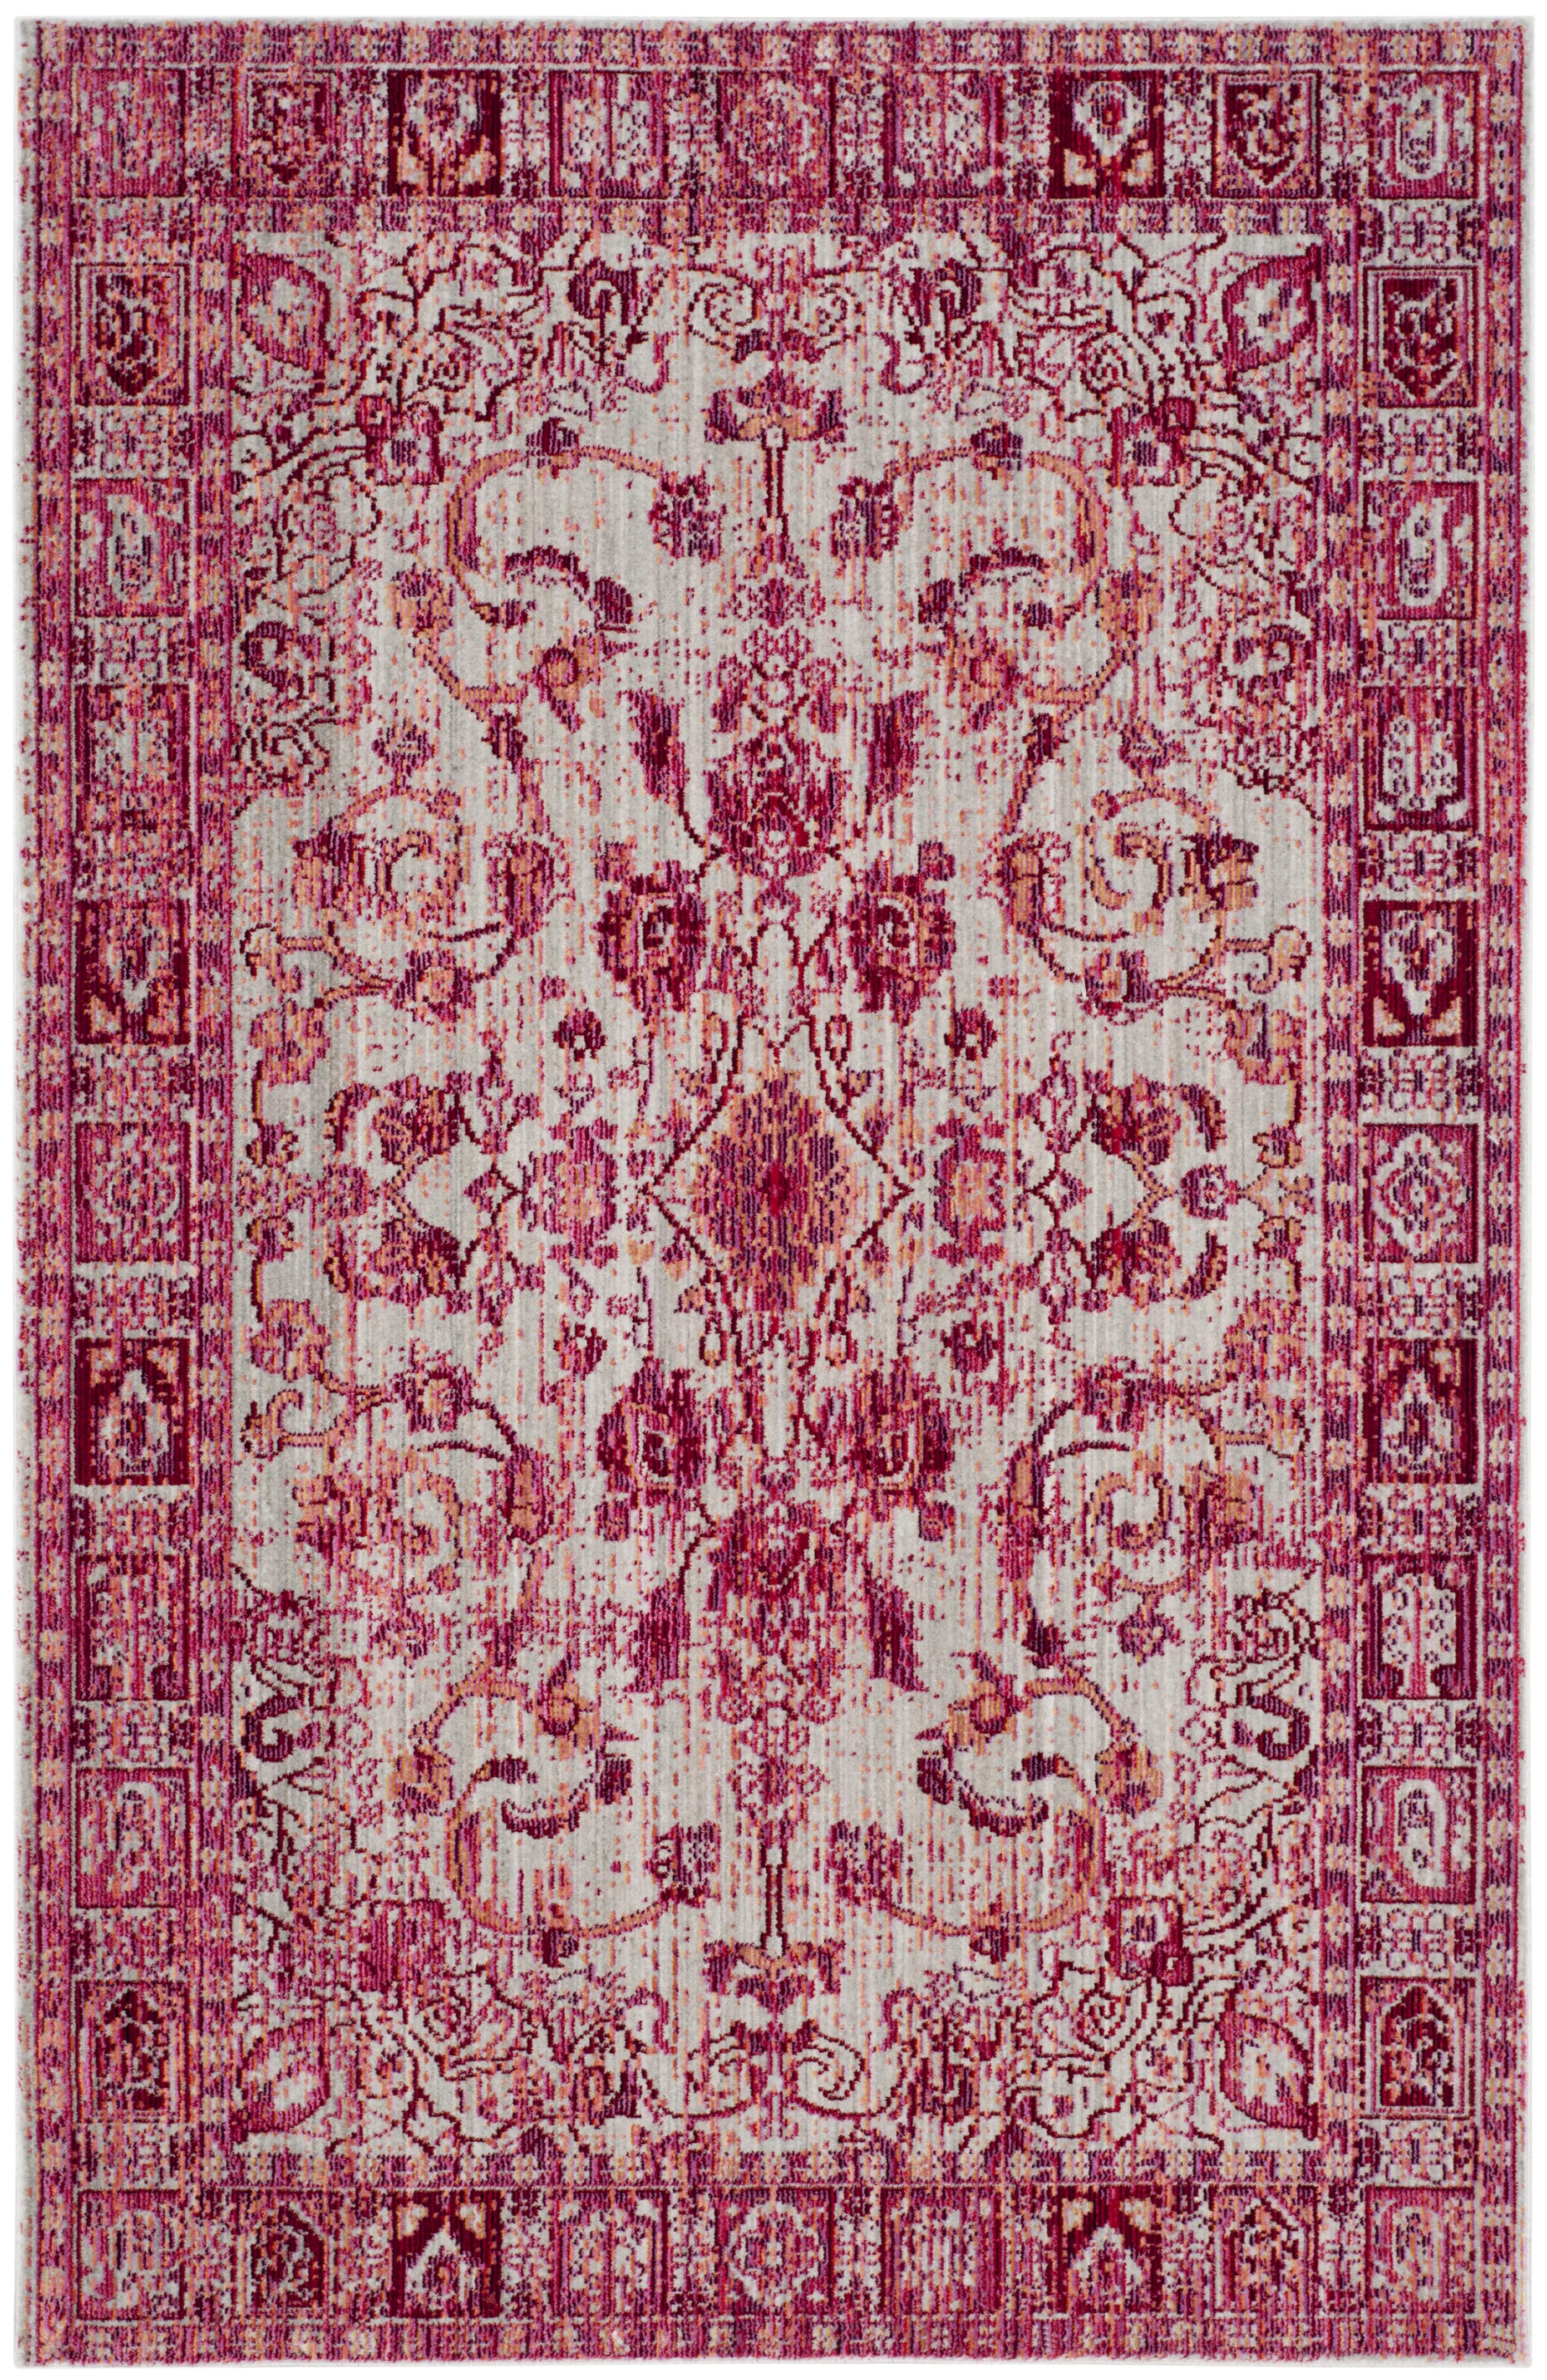 Tapis de salon d'inspiration vintage fuchsia et multicolore 120x180